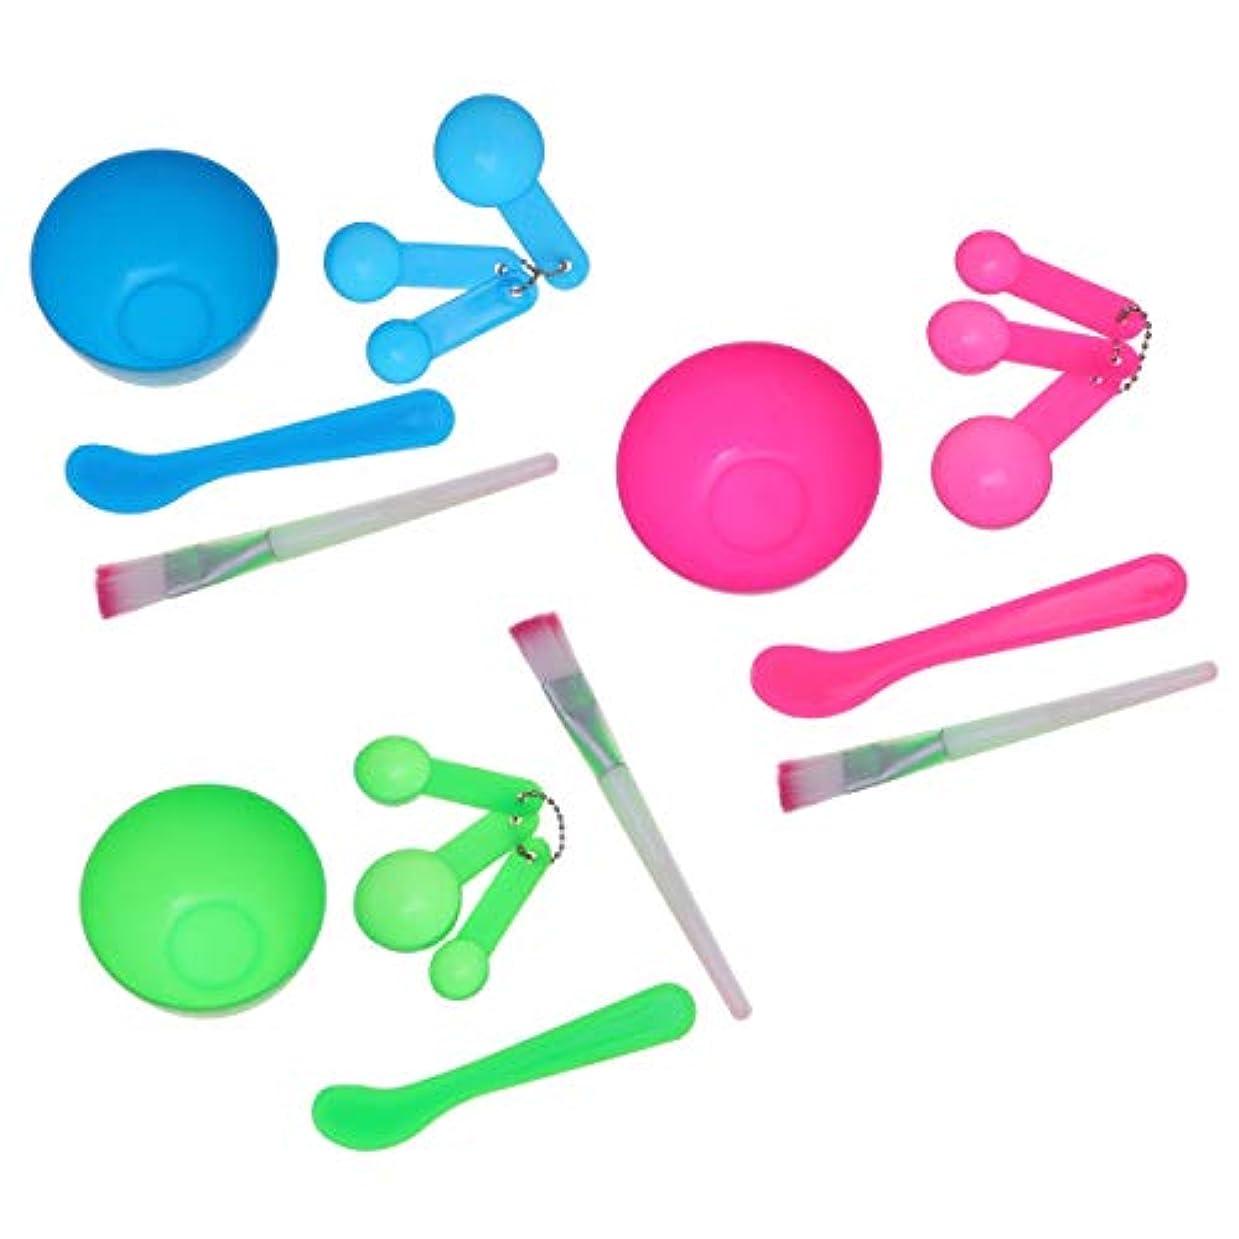 効能逃れる関連付けるBeaupretty 18ピースフェイスマスクボウルフェイスマスクミキシングツールキットDIYフェイシャルマスクツール(グリーン+ブルー+ピンク)